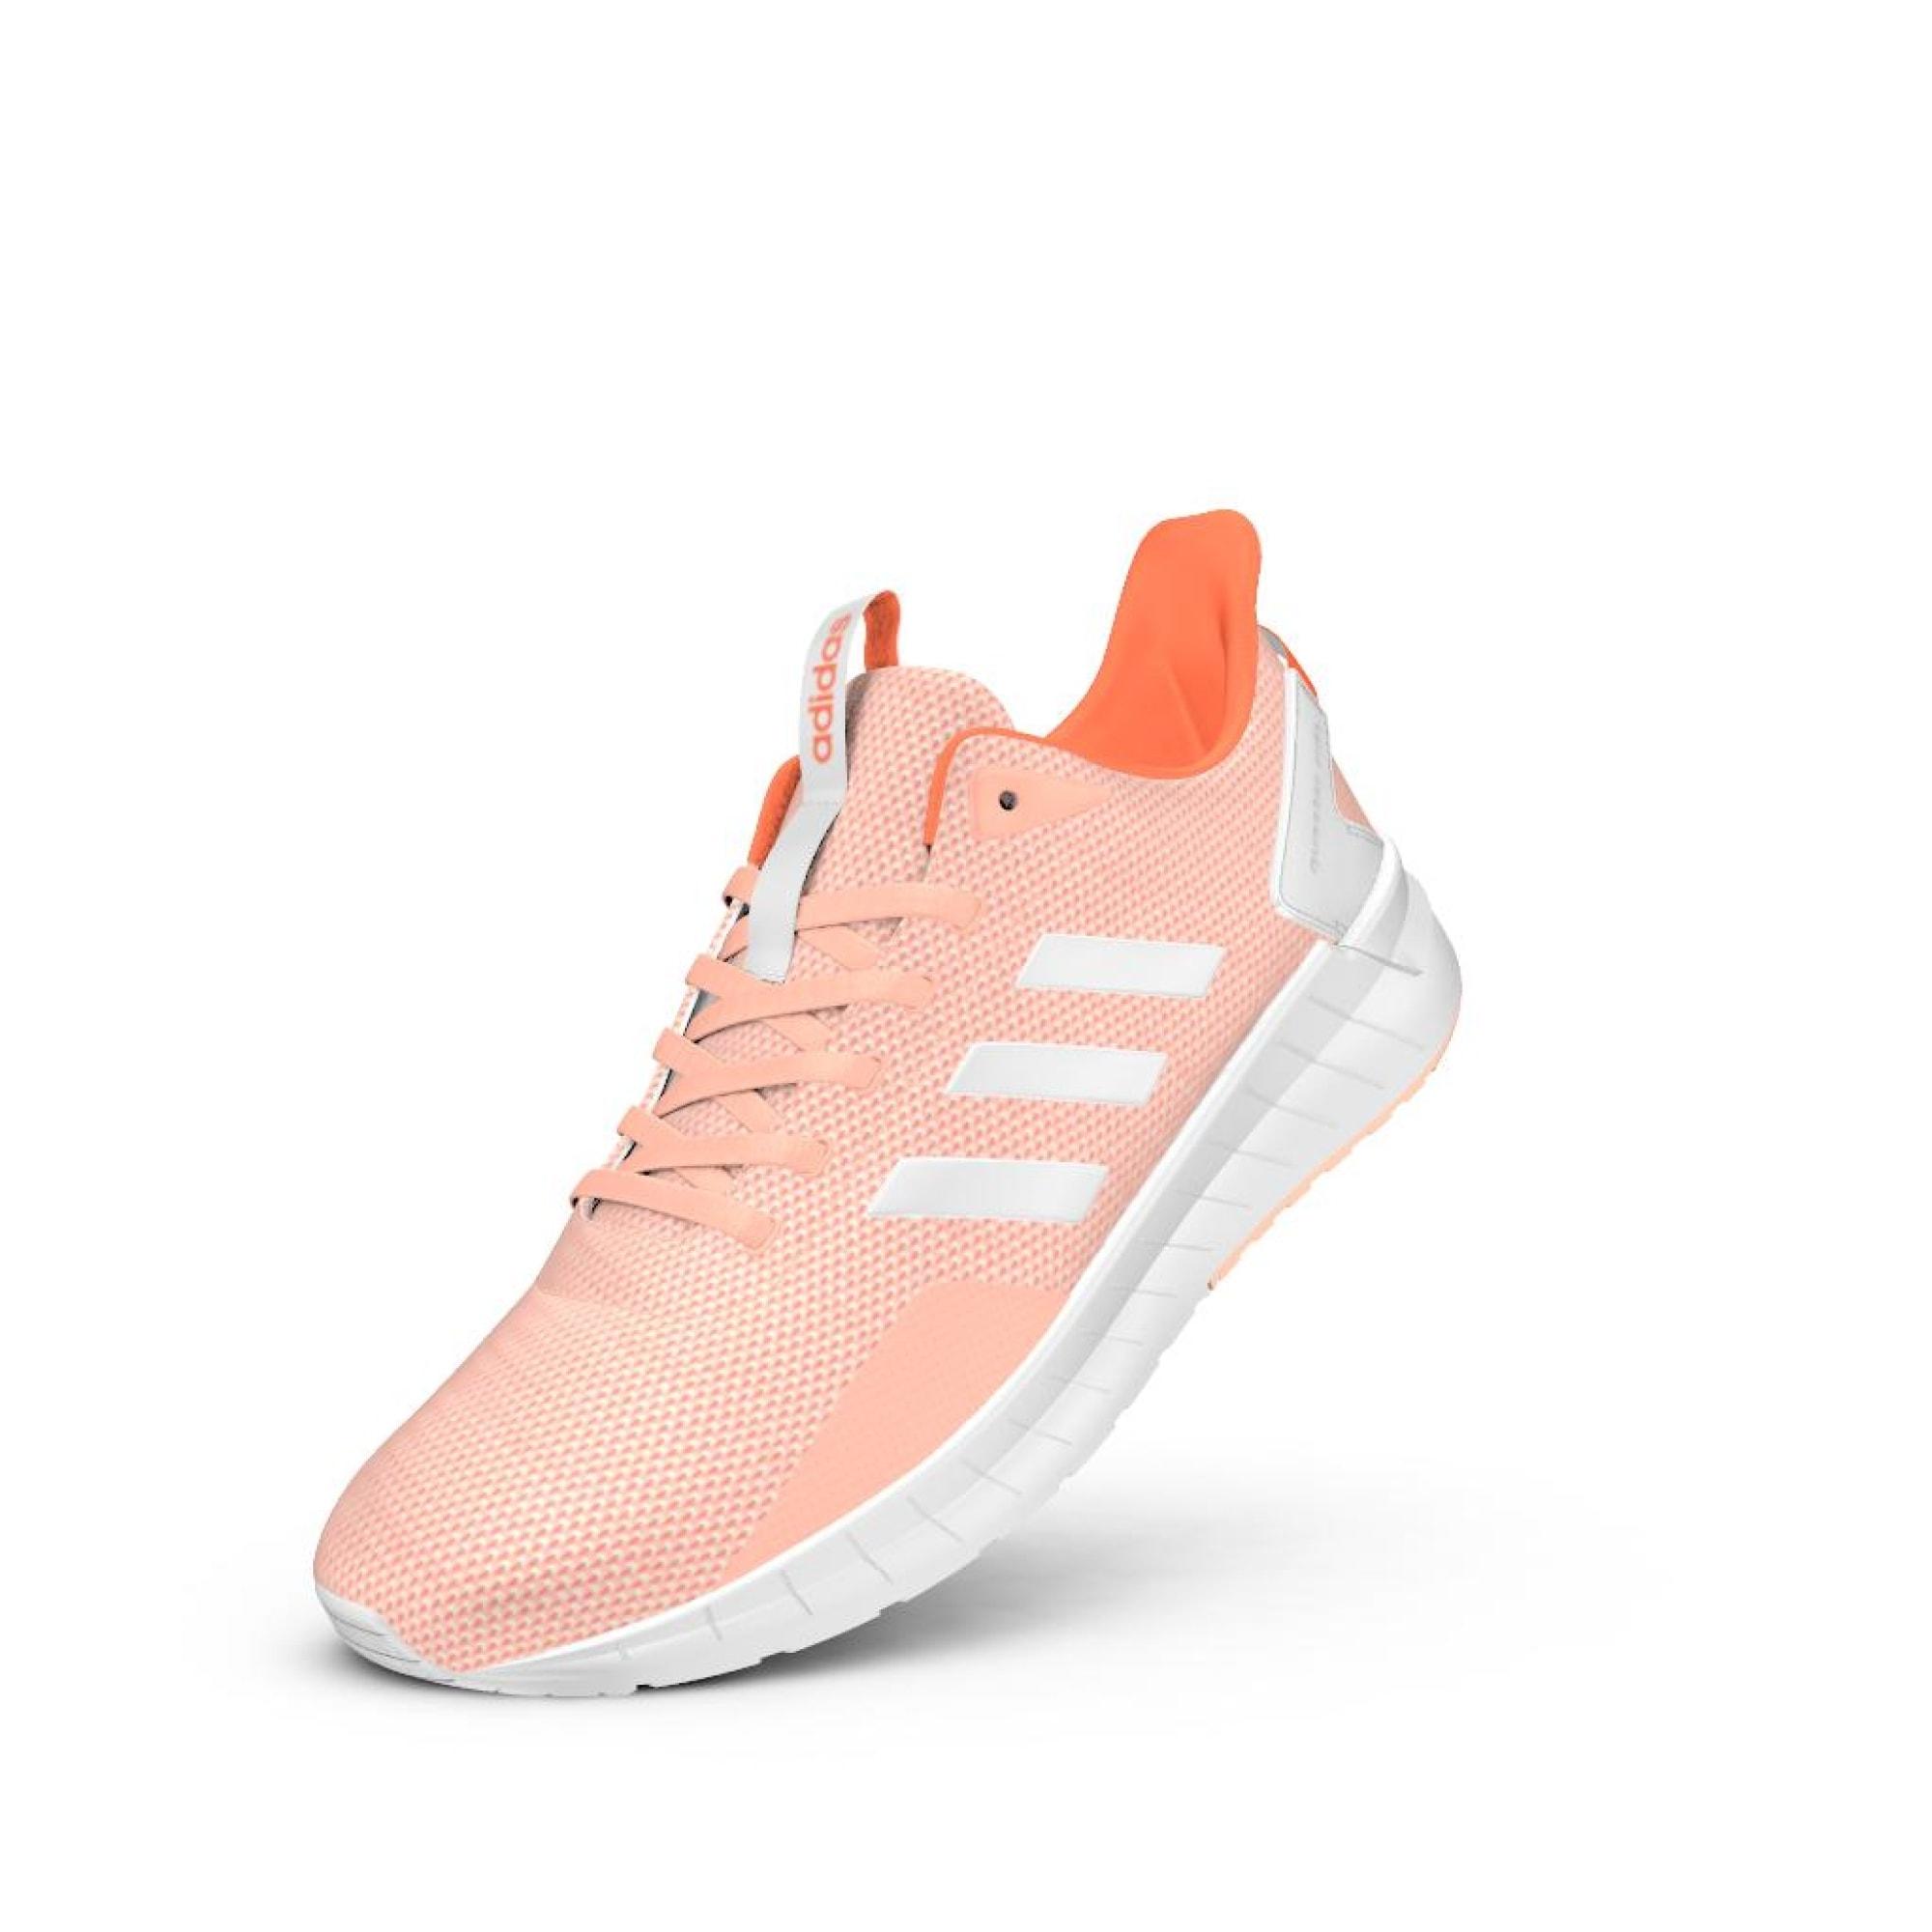 Adidas Questar Ride Sko Haze Coral